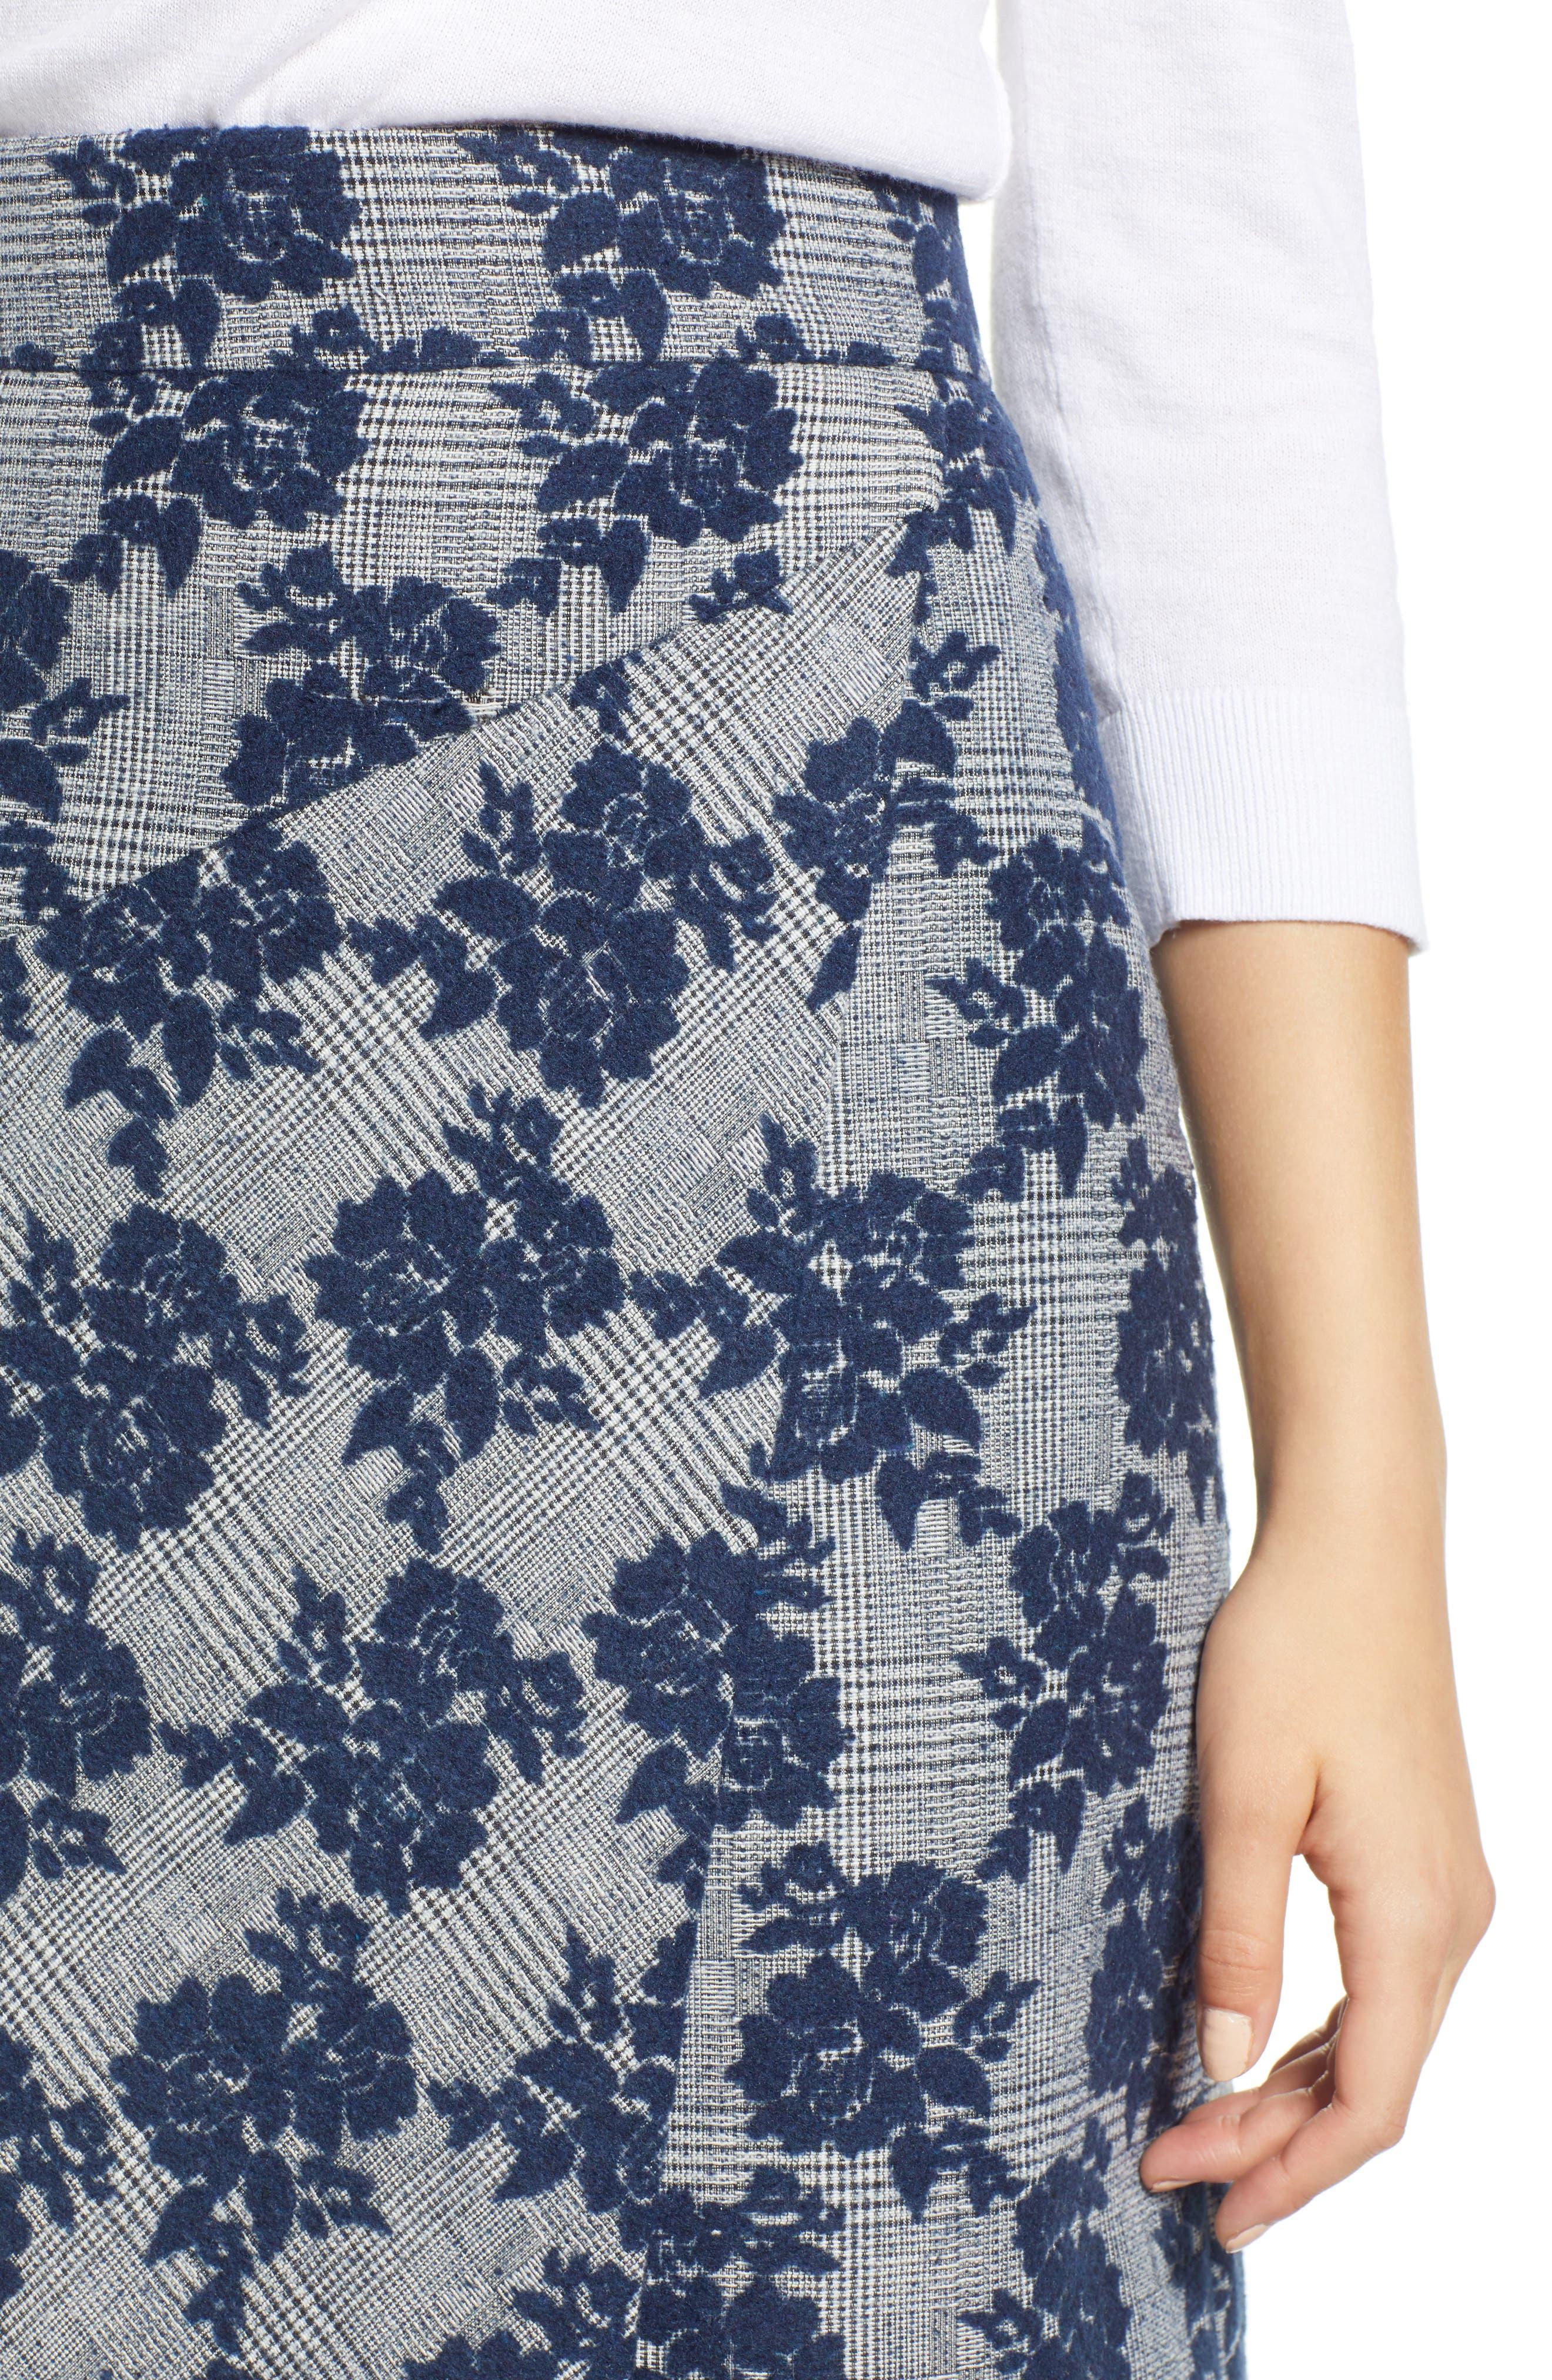 Floral Plaid Asymmetrical Skirt,                             Alternate thumbnail 4, color,                             BLUE PLAID FLORAL